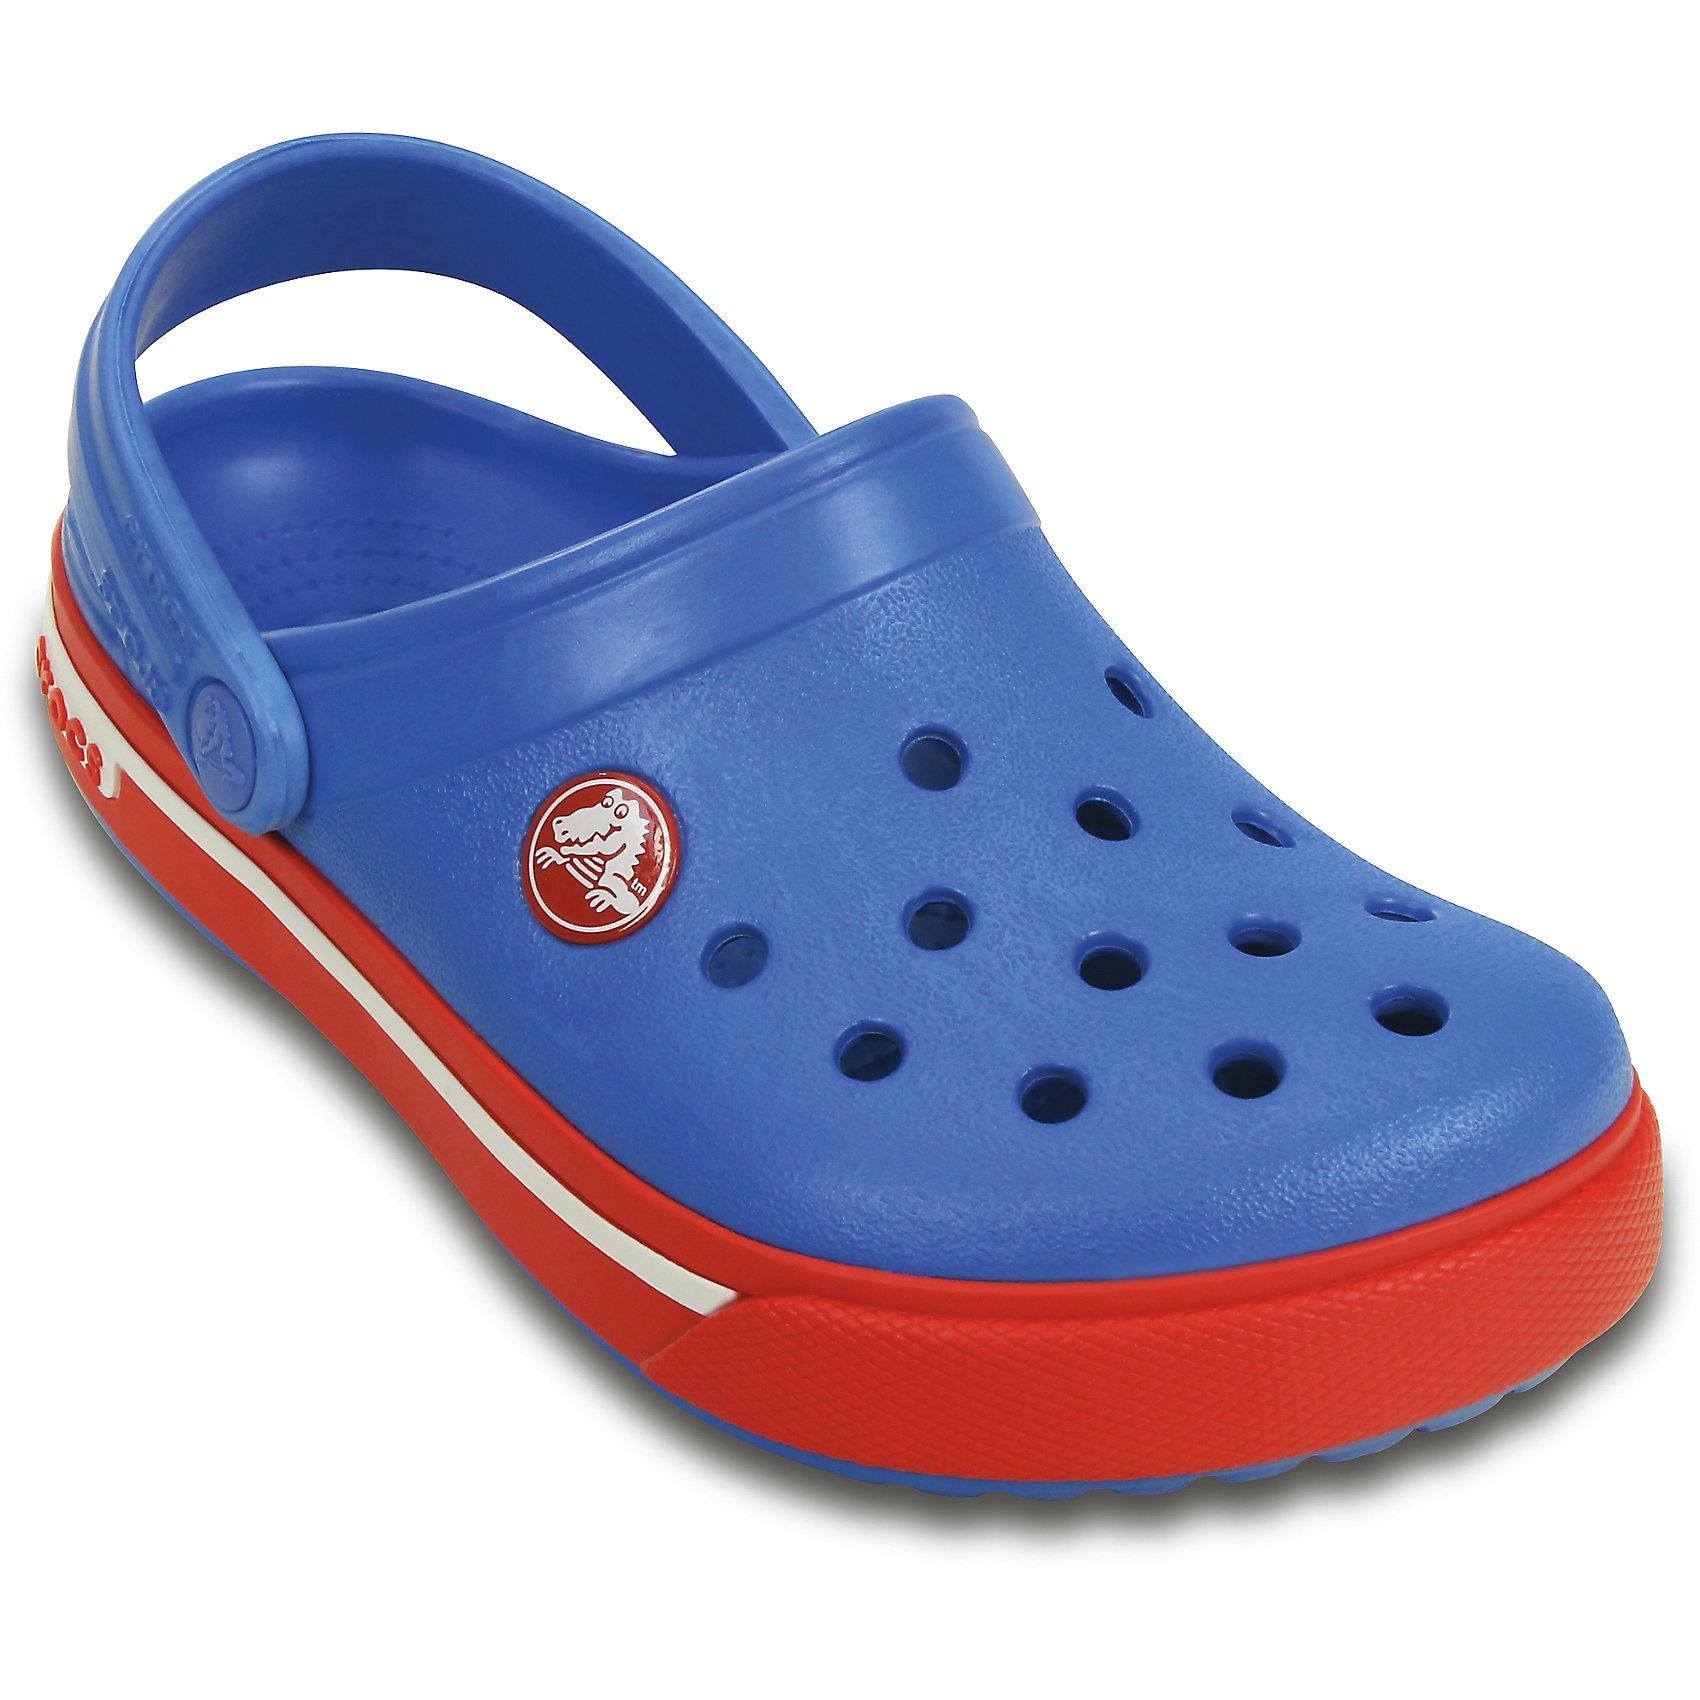 Сабо Crocband II.5 Clog kids CrocsПляжная обувь<br>Характеристики товара:<br><br>• цвет: синий<br>• материал: 100% полимер Croslite™<br>• литая модель<br>• вентиляционные отверстия<br>• бактериостатичный материал<br>• пяточный ремешок фиксирует стопу<br>• толстая устойчивая подошва<br>• отверстия для использования украшений<br>• анатомическая стелька с массажными точками стимулирует кровообращение<br>• страна бренда: США<br>• страна изготовитель: Китай<br><br>Для правильного развития ребенка крайне важно, чтобы обувь была удобной. Такие сабо обеспечивают детям необходимый комфорт, а анатомическая стелька с массажными линиями для стимуляции кровообращения позволяет ножкам дольше не уставать. Сабо легко надеваются и снимаются, отлично сидят на ноге. Материал, из которого они сделаны, не дает размножаться бактериям, поэтому такая обувь препятствует образованию неприятного запаха и появлению болезней стоп. <br>Обувь от американского бренда Crocs в данный момент завоевала широкую популярность во всем мире, и это не удивительно - ведь она невероятно удобна. Её носят врачи, спортсмены, звёзды шоу-бизнеса, люди, которым много времени приходится бывать на ногах - они понимают, как важна комфортная обувь. Продукция Crocs - это качественные товары, созданные с применением новейших технологий. Обувь отличается стильным дизайном и продуманной конструкцией. Изделие производится из качественных и проверенных материалов, которые безопасны для детей.<br><br>Сабо от торговой марки Crocs можно купить в нашем интернет-магазине.<br><br>Ширина мм: 225<br>Глубина мм: 139<br>Высота мм: 112<br>Вес г: 290<br>Цвет: синий<br>Возраст от месяцев: 12<br>Возраст до месяцев: 15<br>Пол: Унисекс<br>Возраст: Детский<br>Размер: 21/22,31/32,27/28,29/30,33/34,34/35,23/24,25/26<br>SKU: 4064552